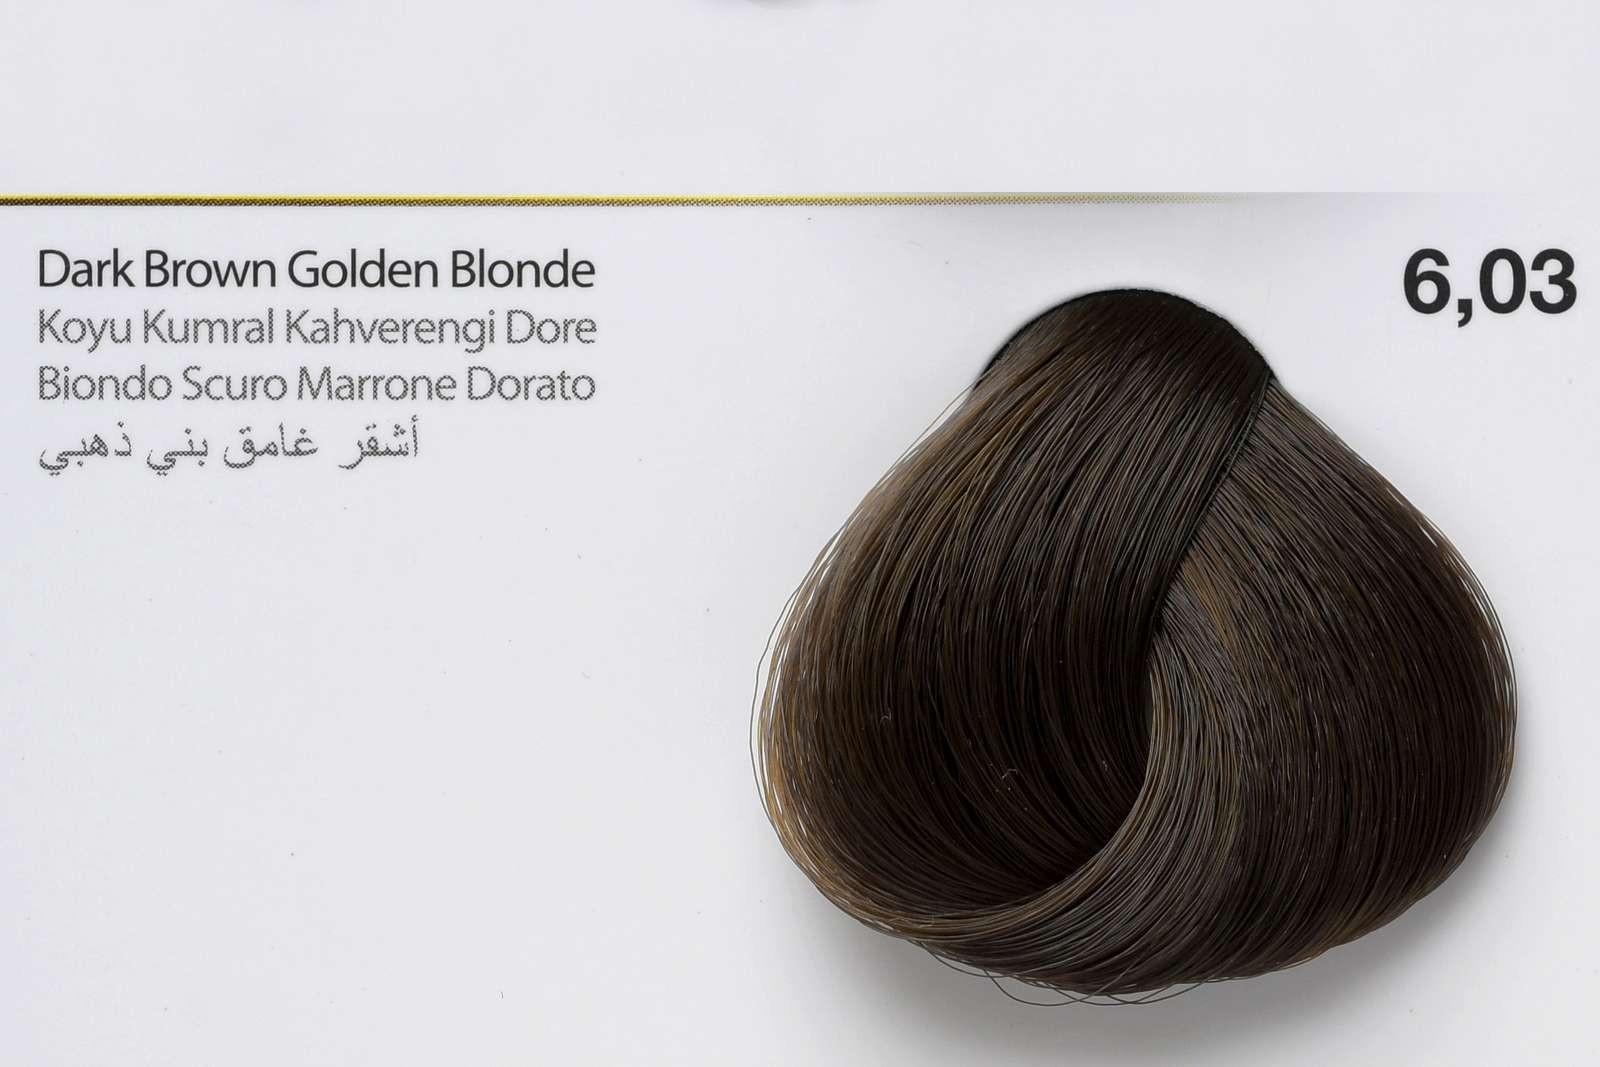 6,03 - Dark Brown Golden Blonde